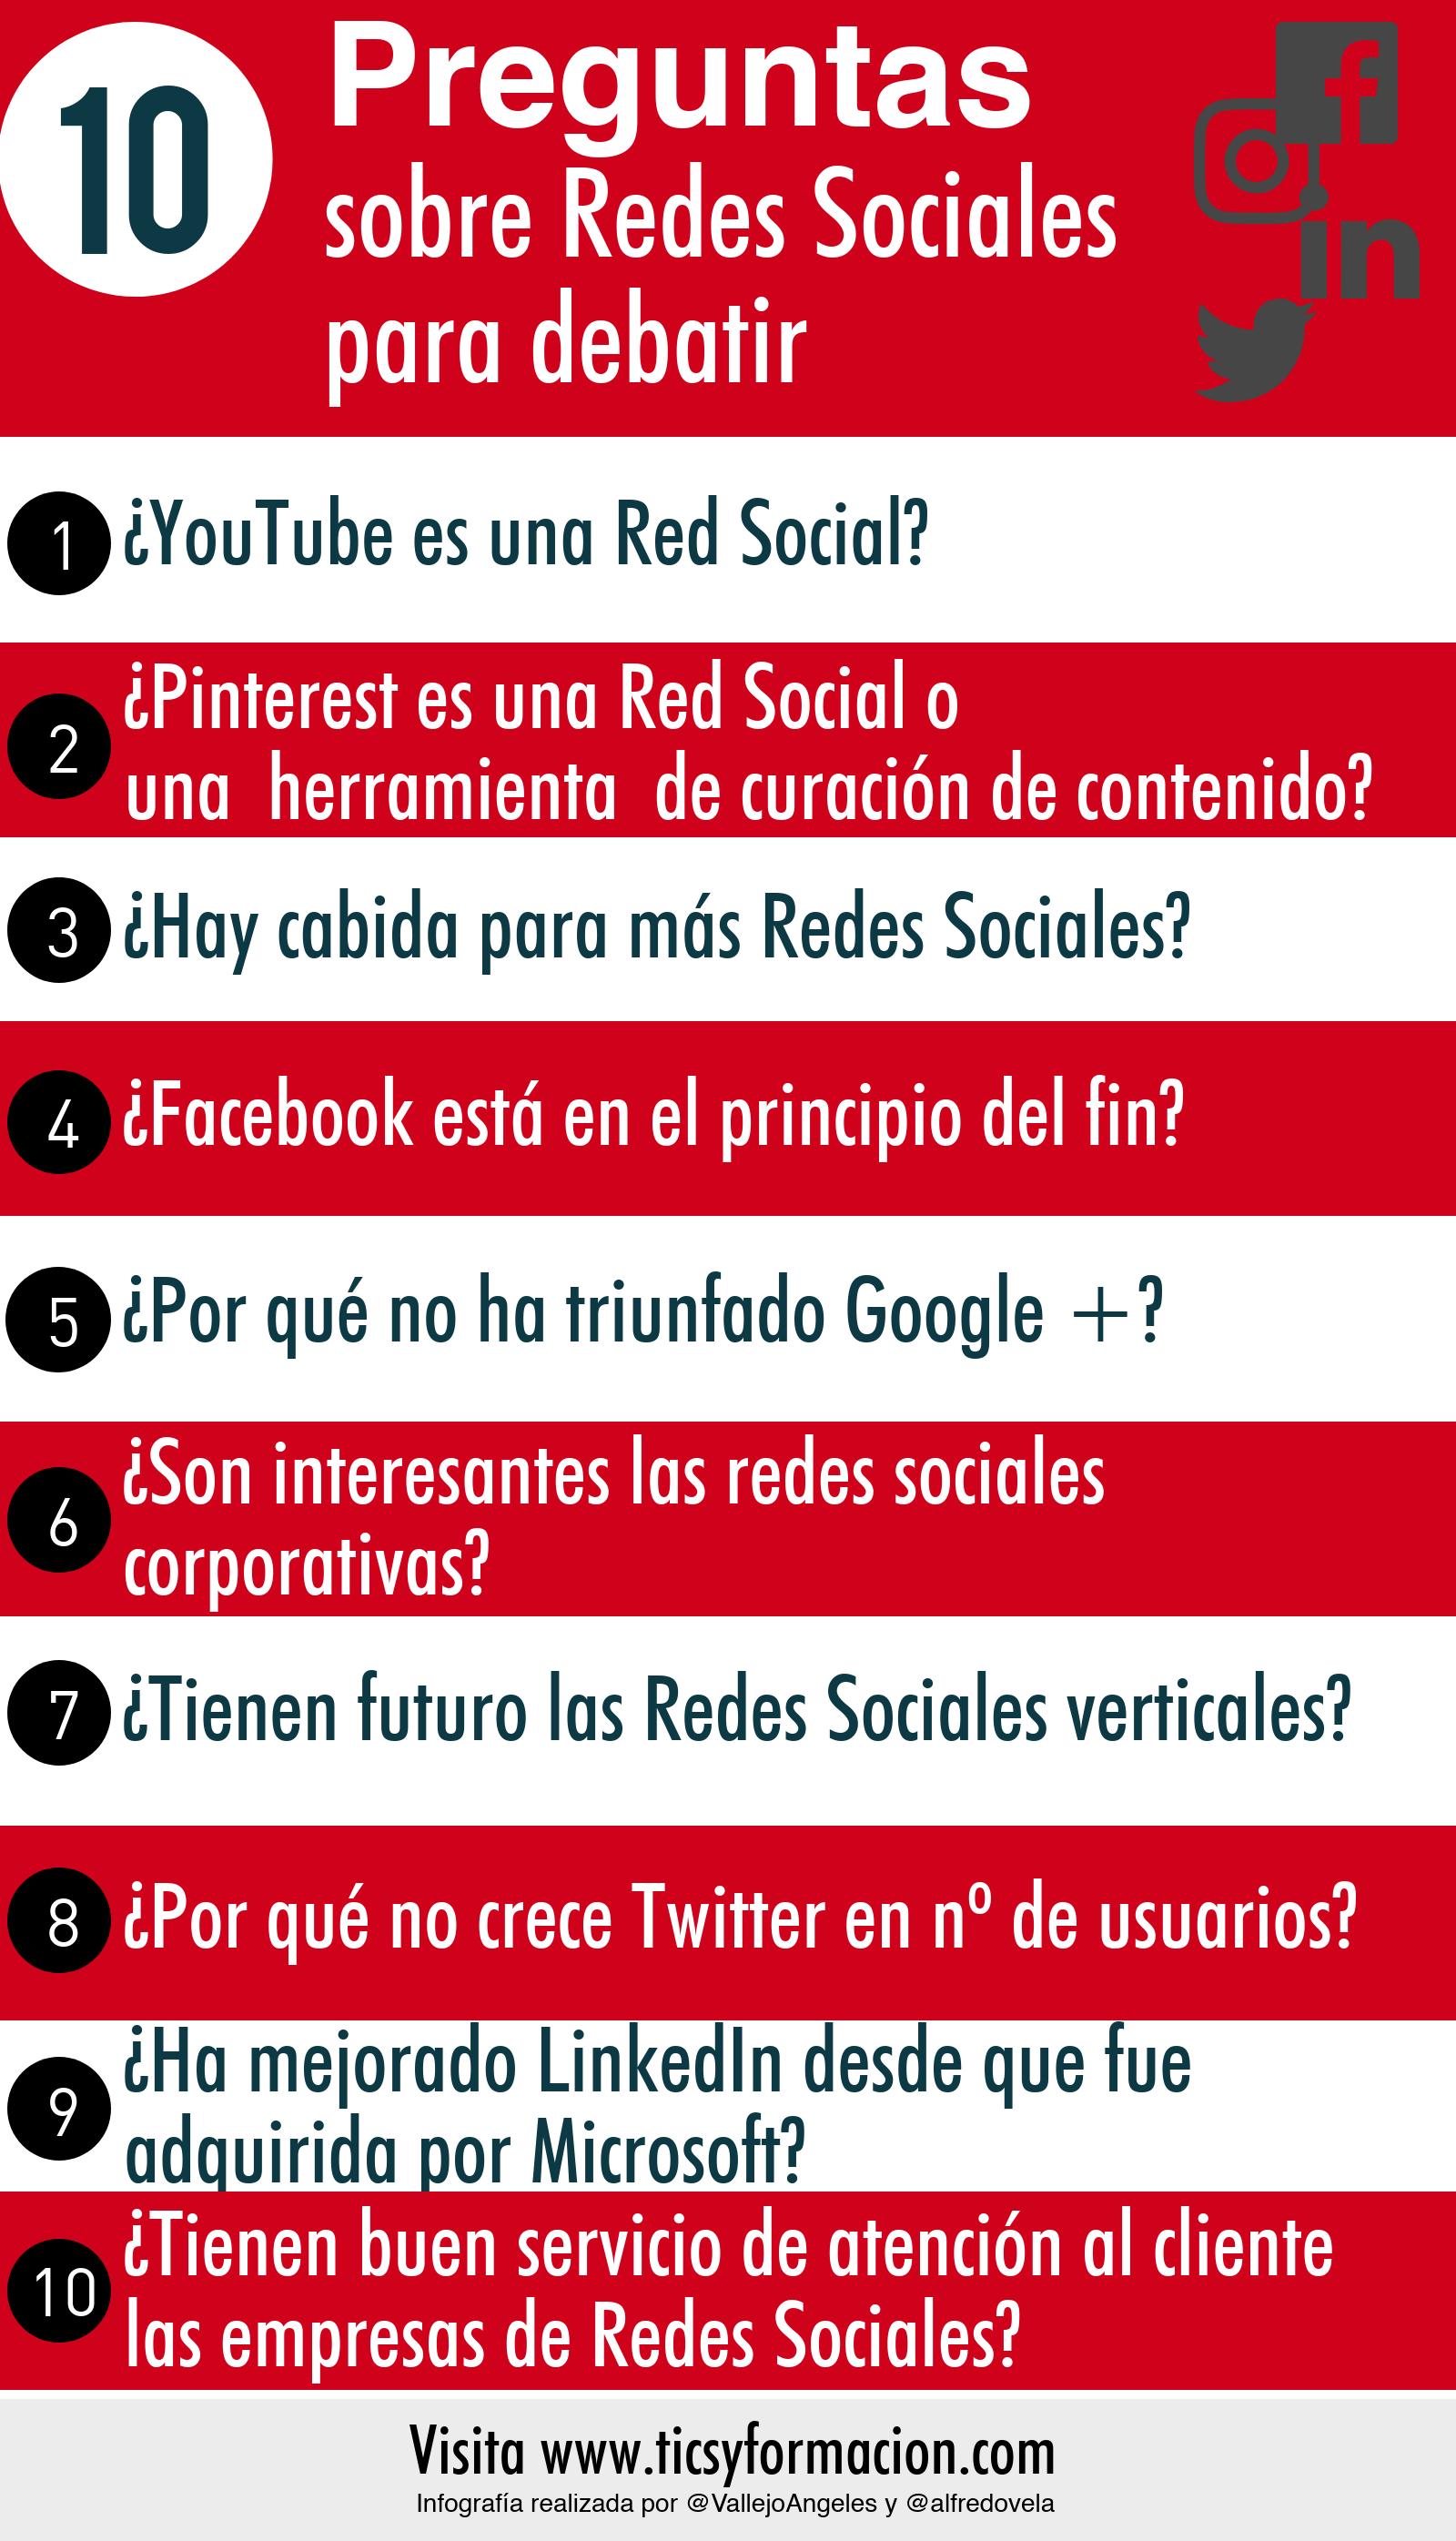 10 preguntas sobre Redes Sociales para debatir